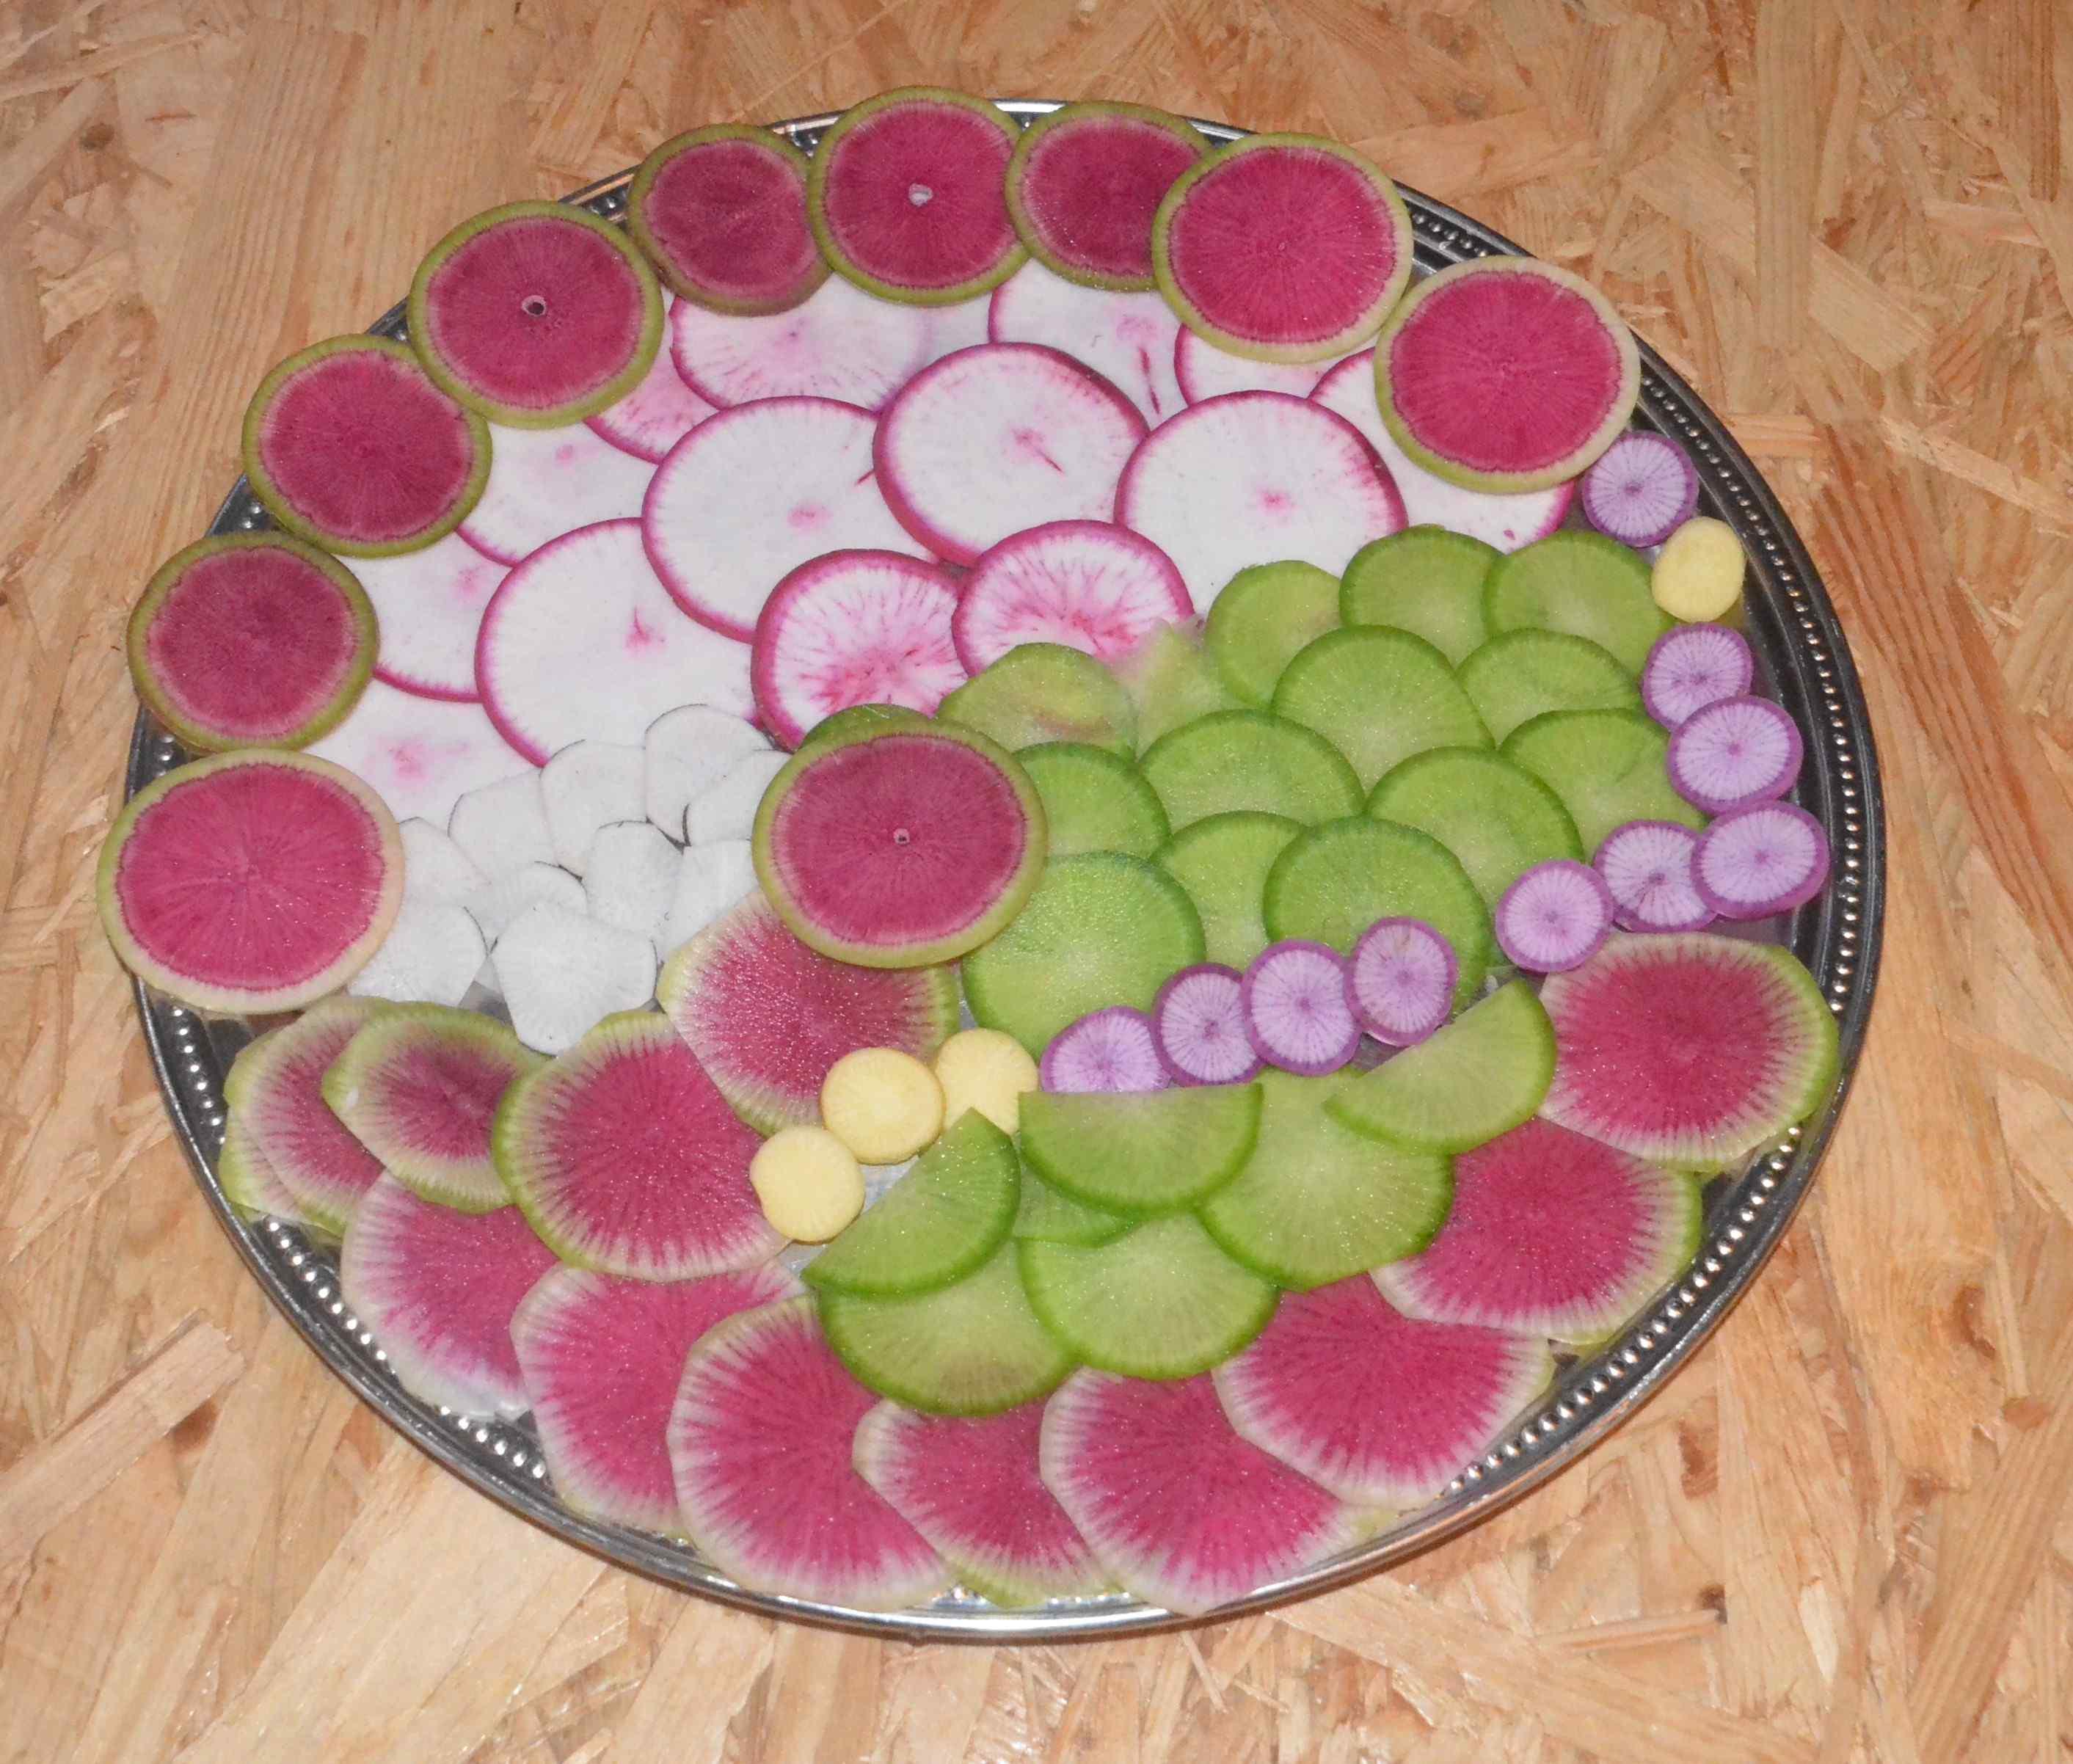 Assiette colorée de radis et navets, Benoît Deloffre